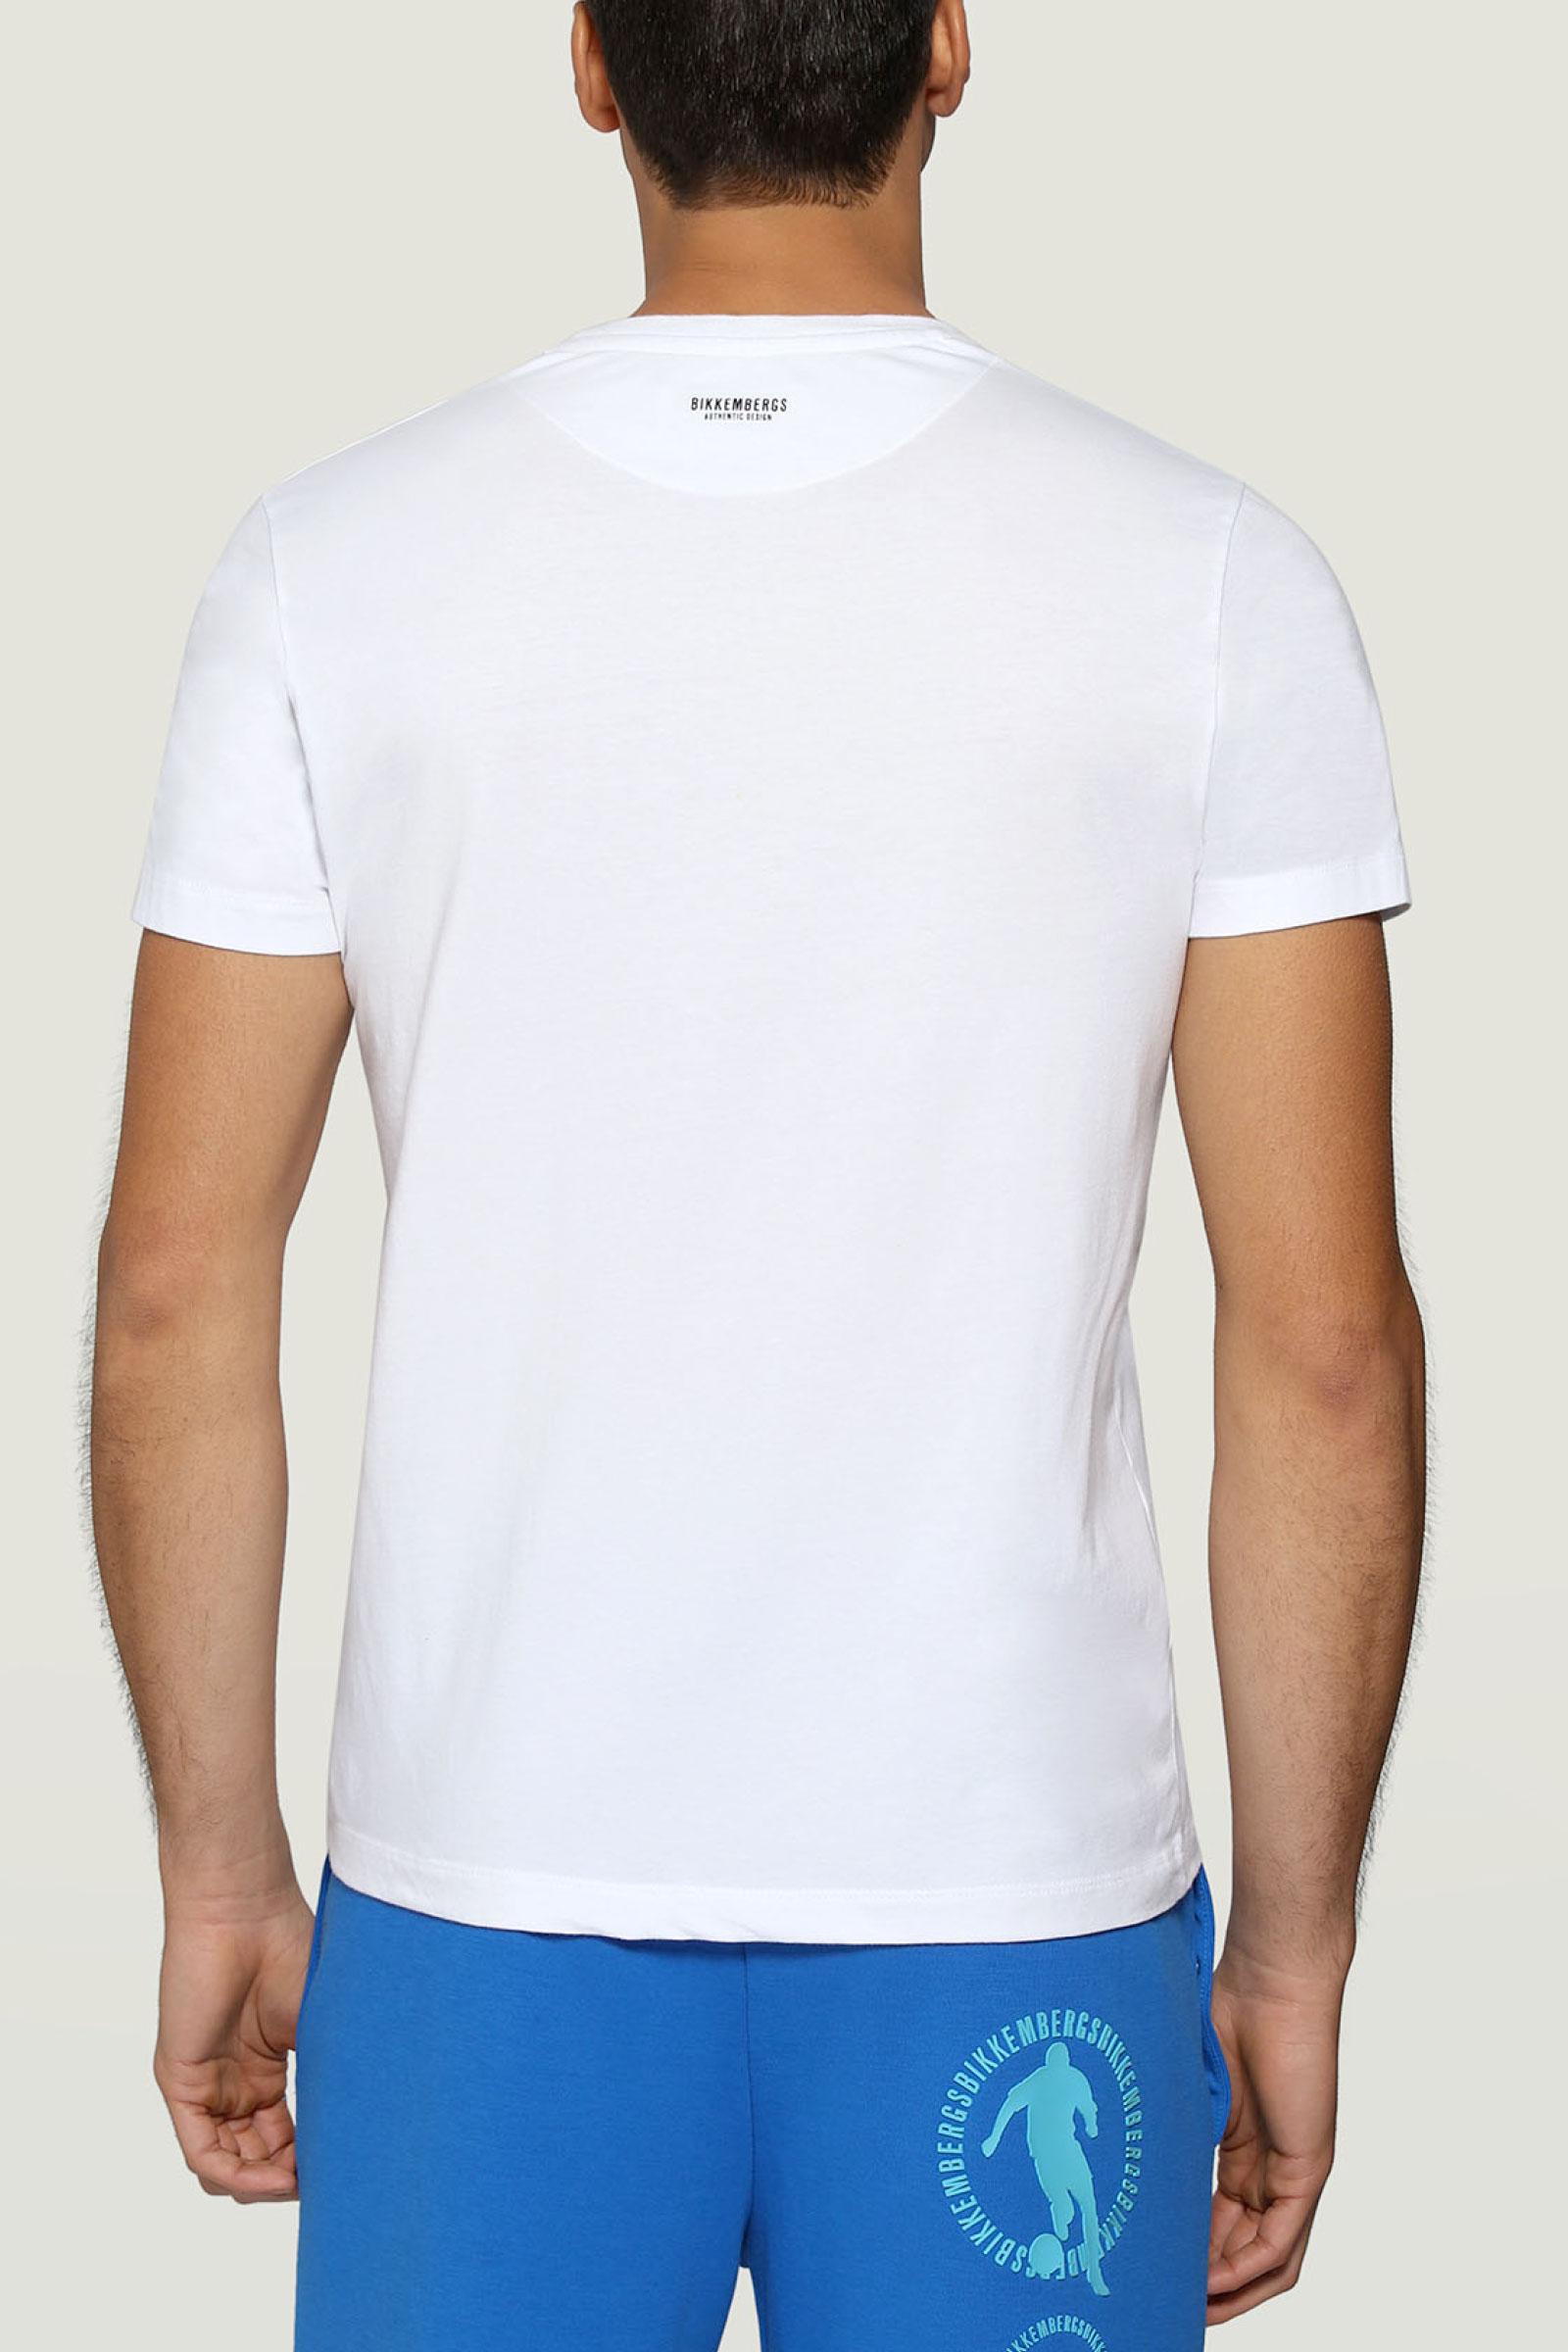 BIKKEMBERGS   T-Shirt   C 4 101 30 E 2231A00